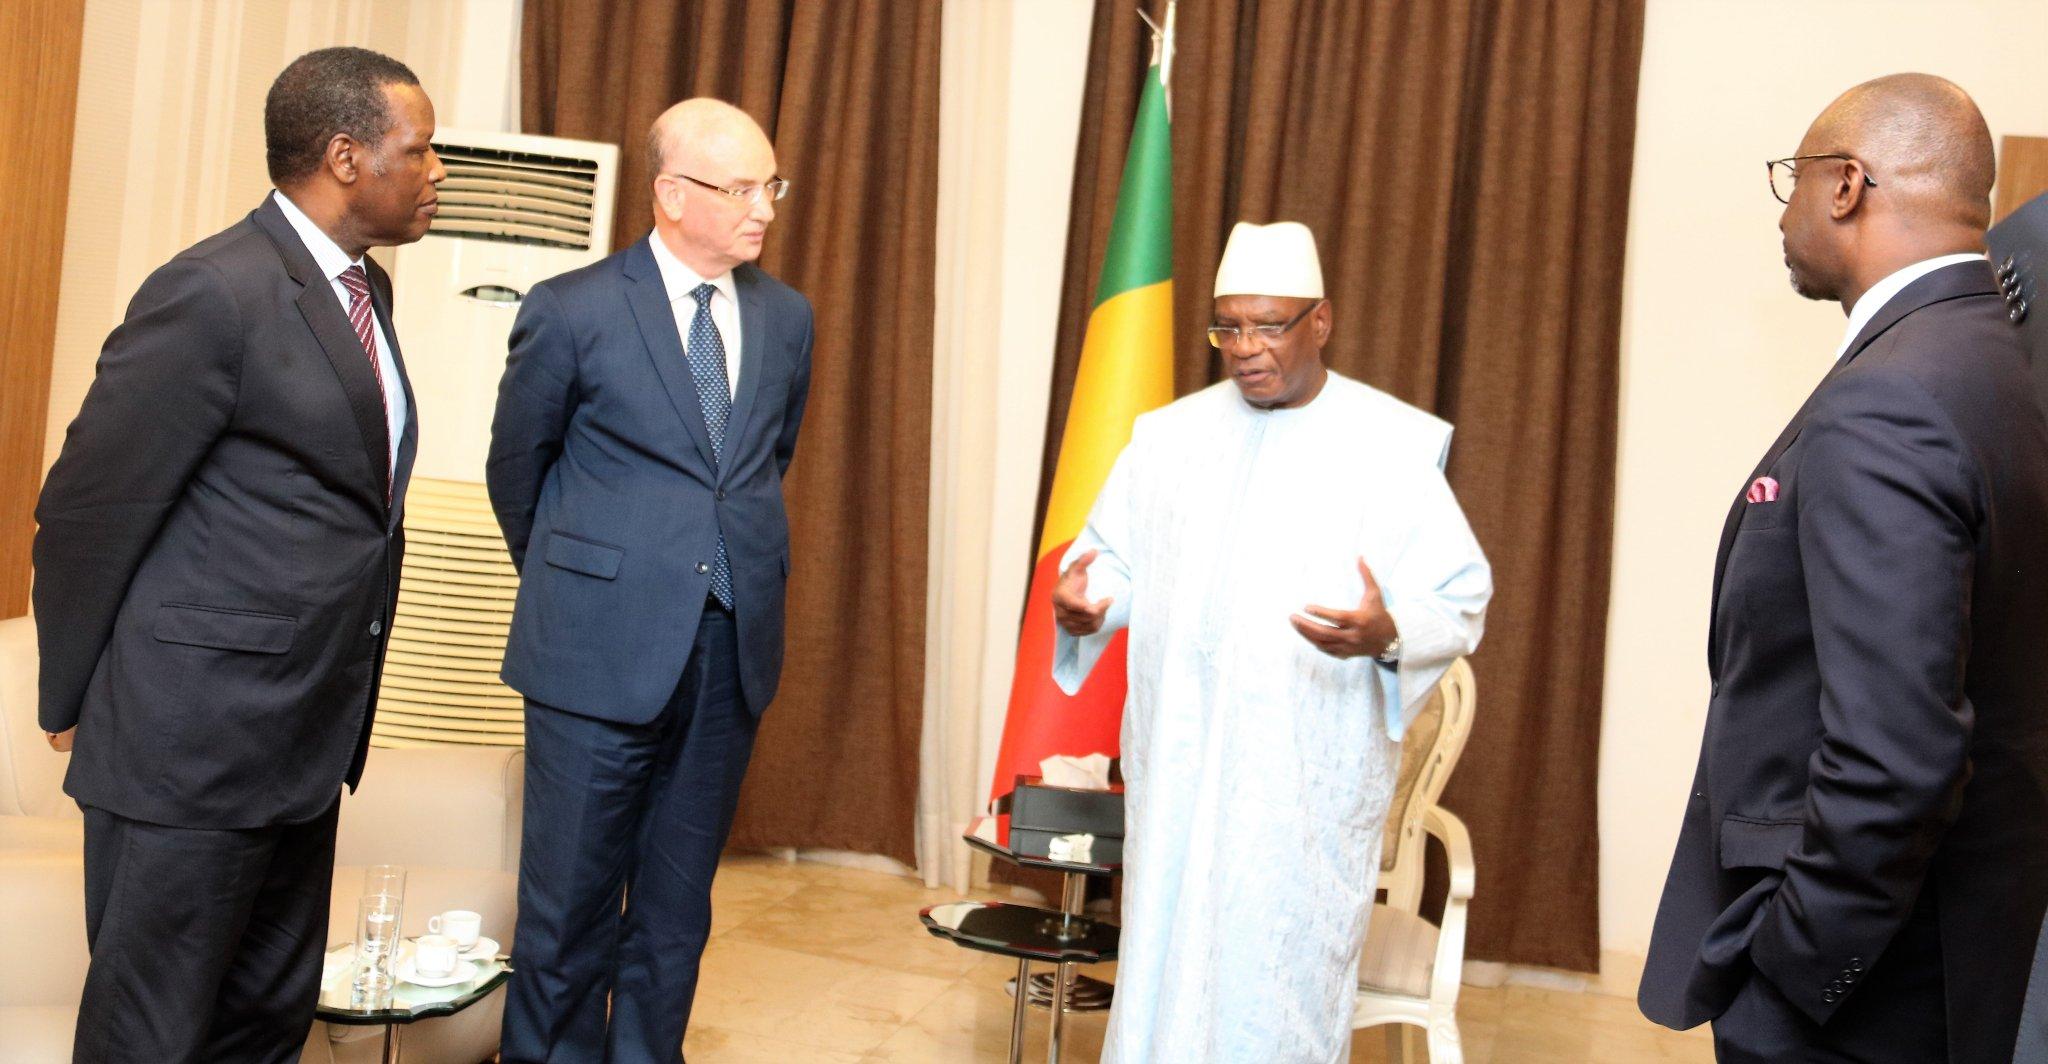 Le Commissaire à la Paix et à la Sécurité de l'Union africaine inaugure l'hôpital de niveau II de l'Union africaine déployé à Gao, Mali